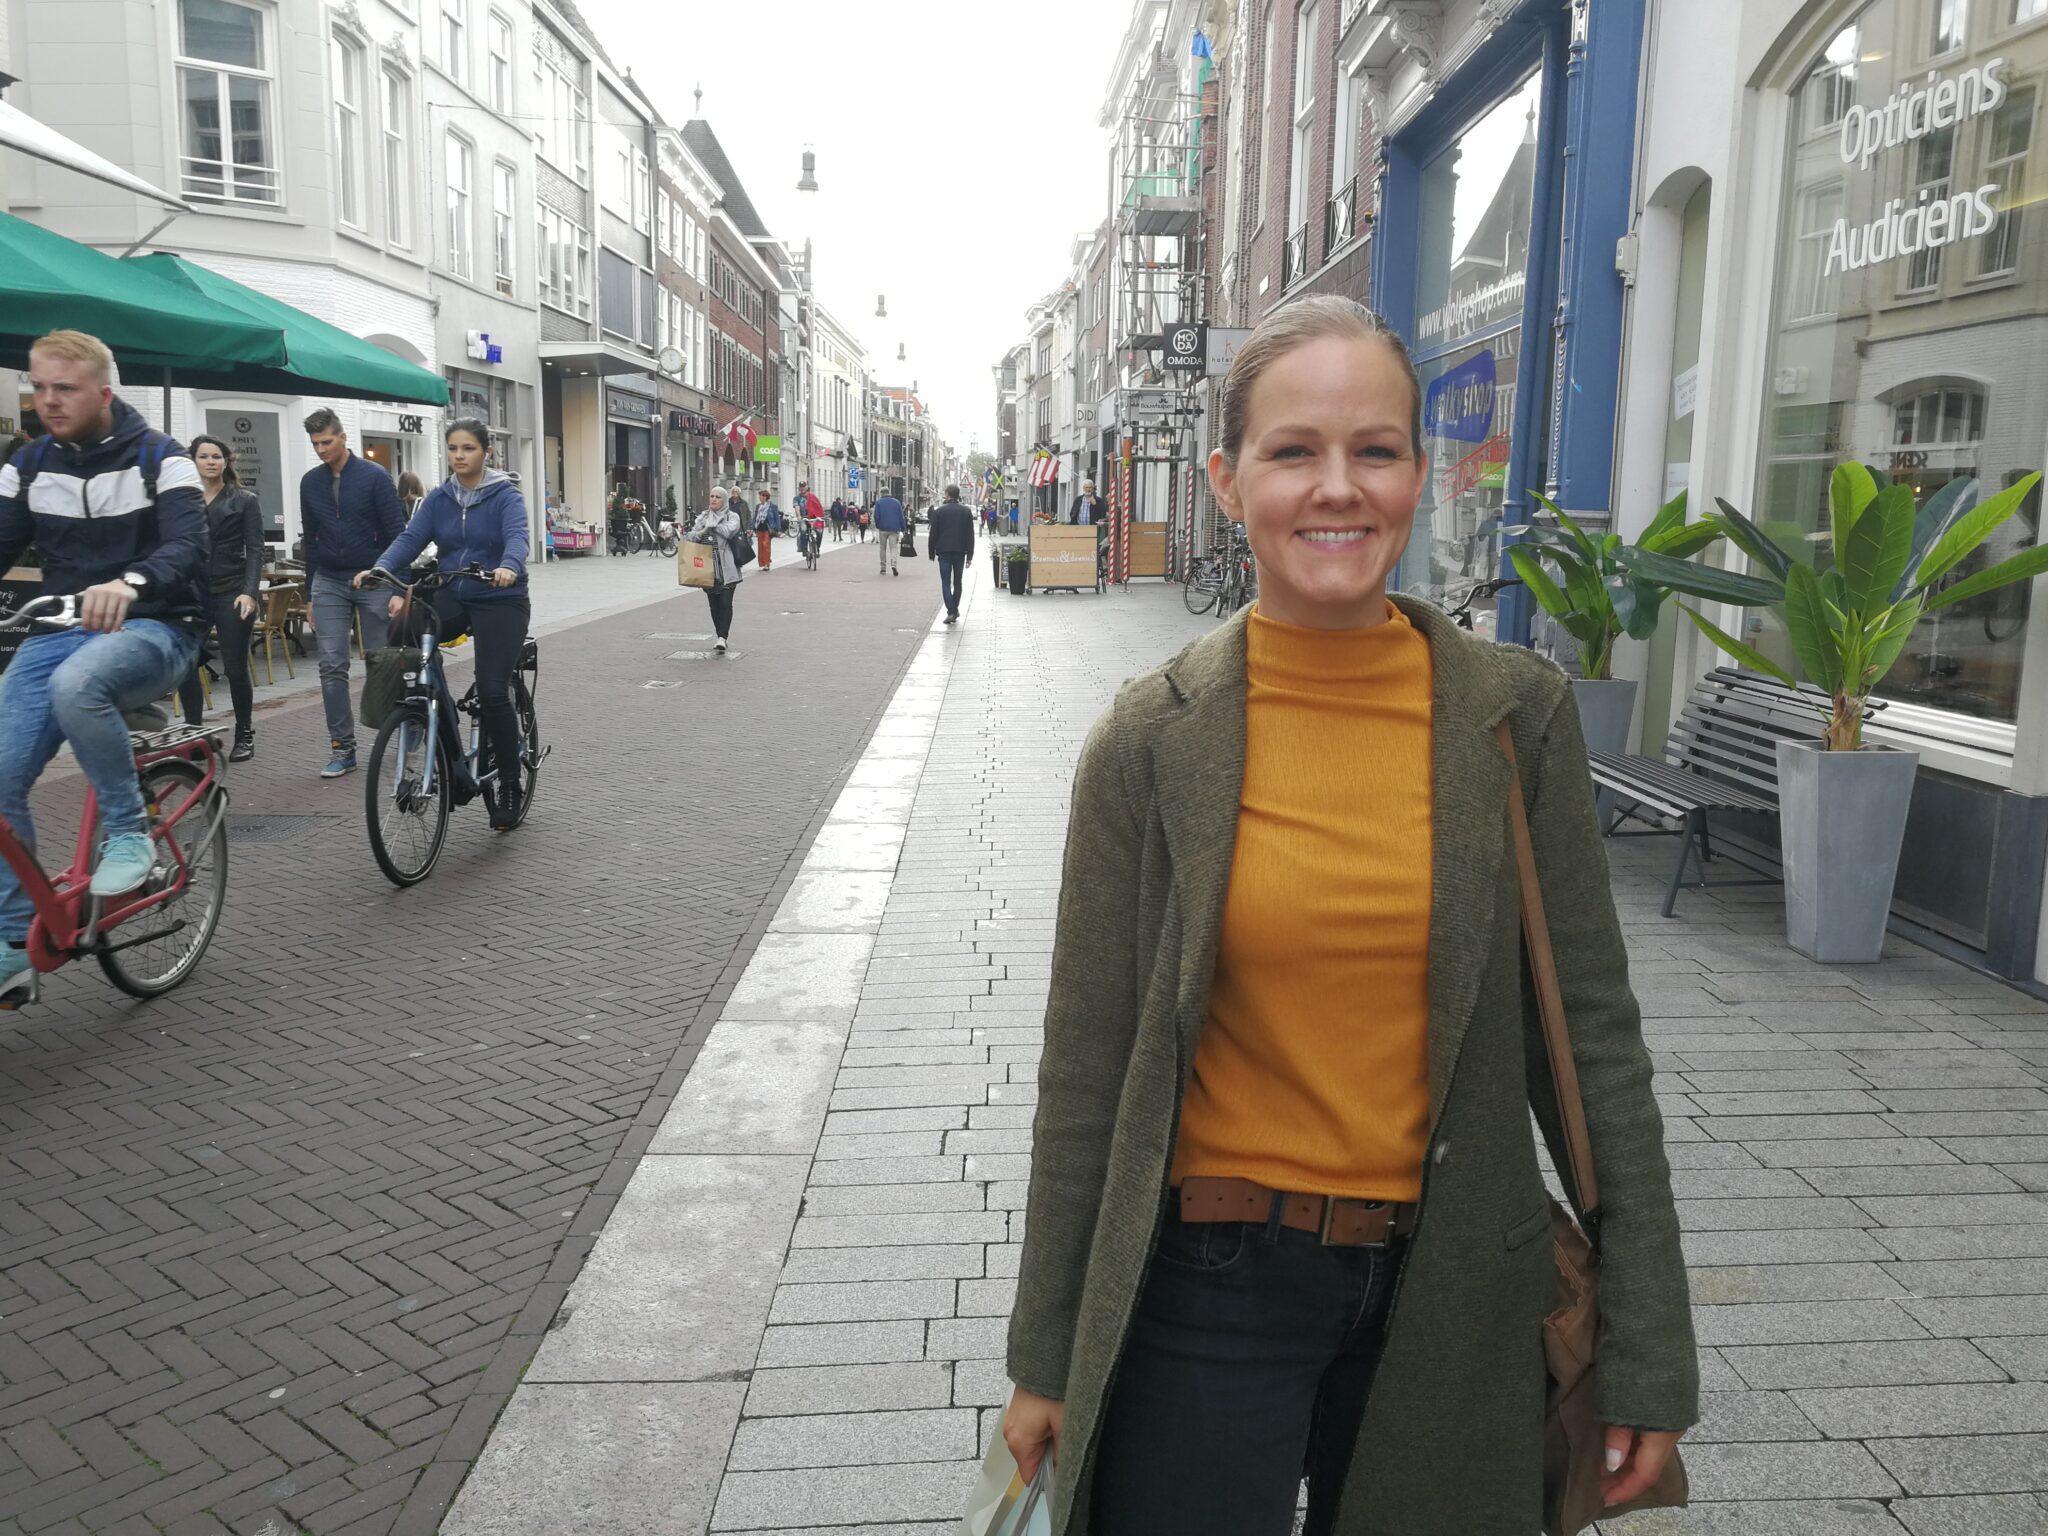 Local Anneke